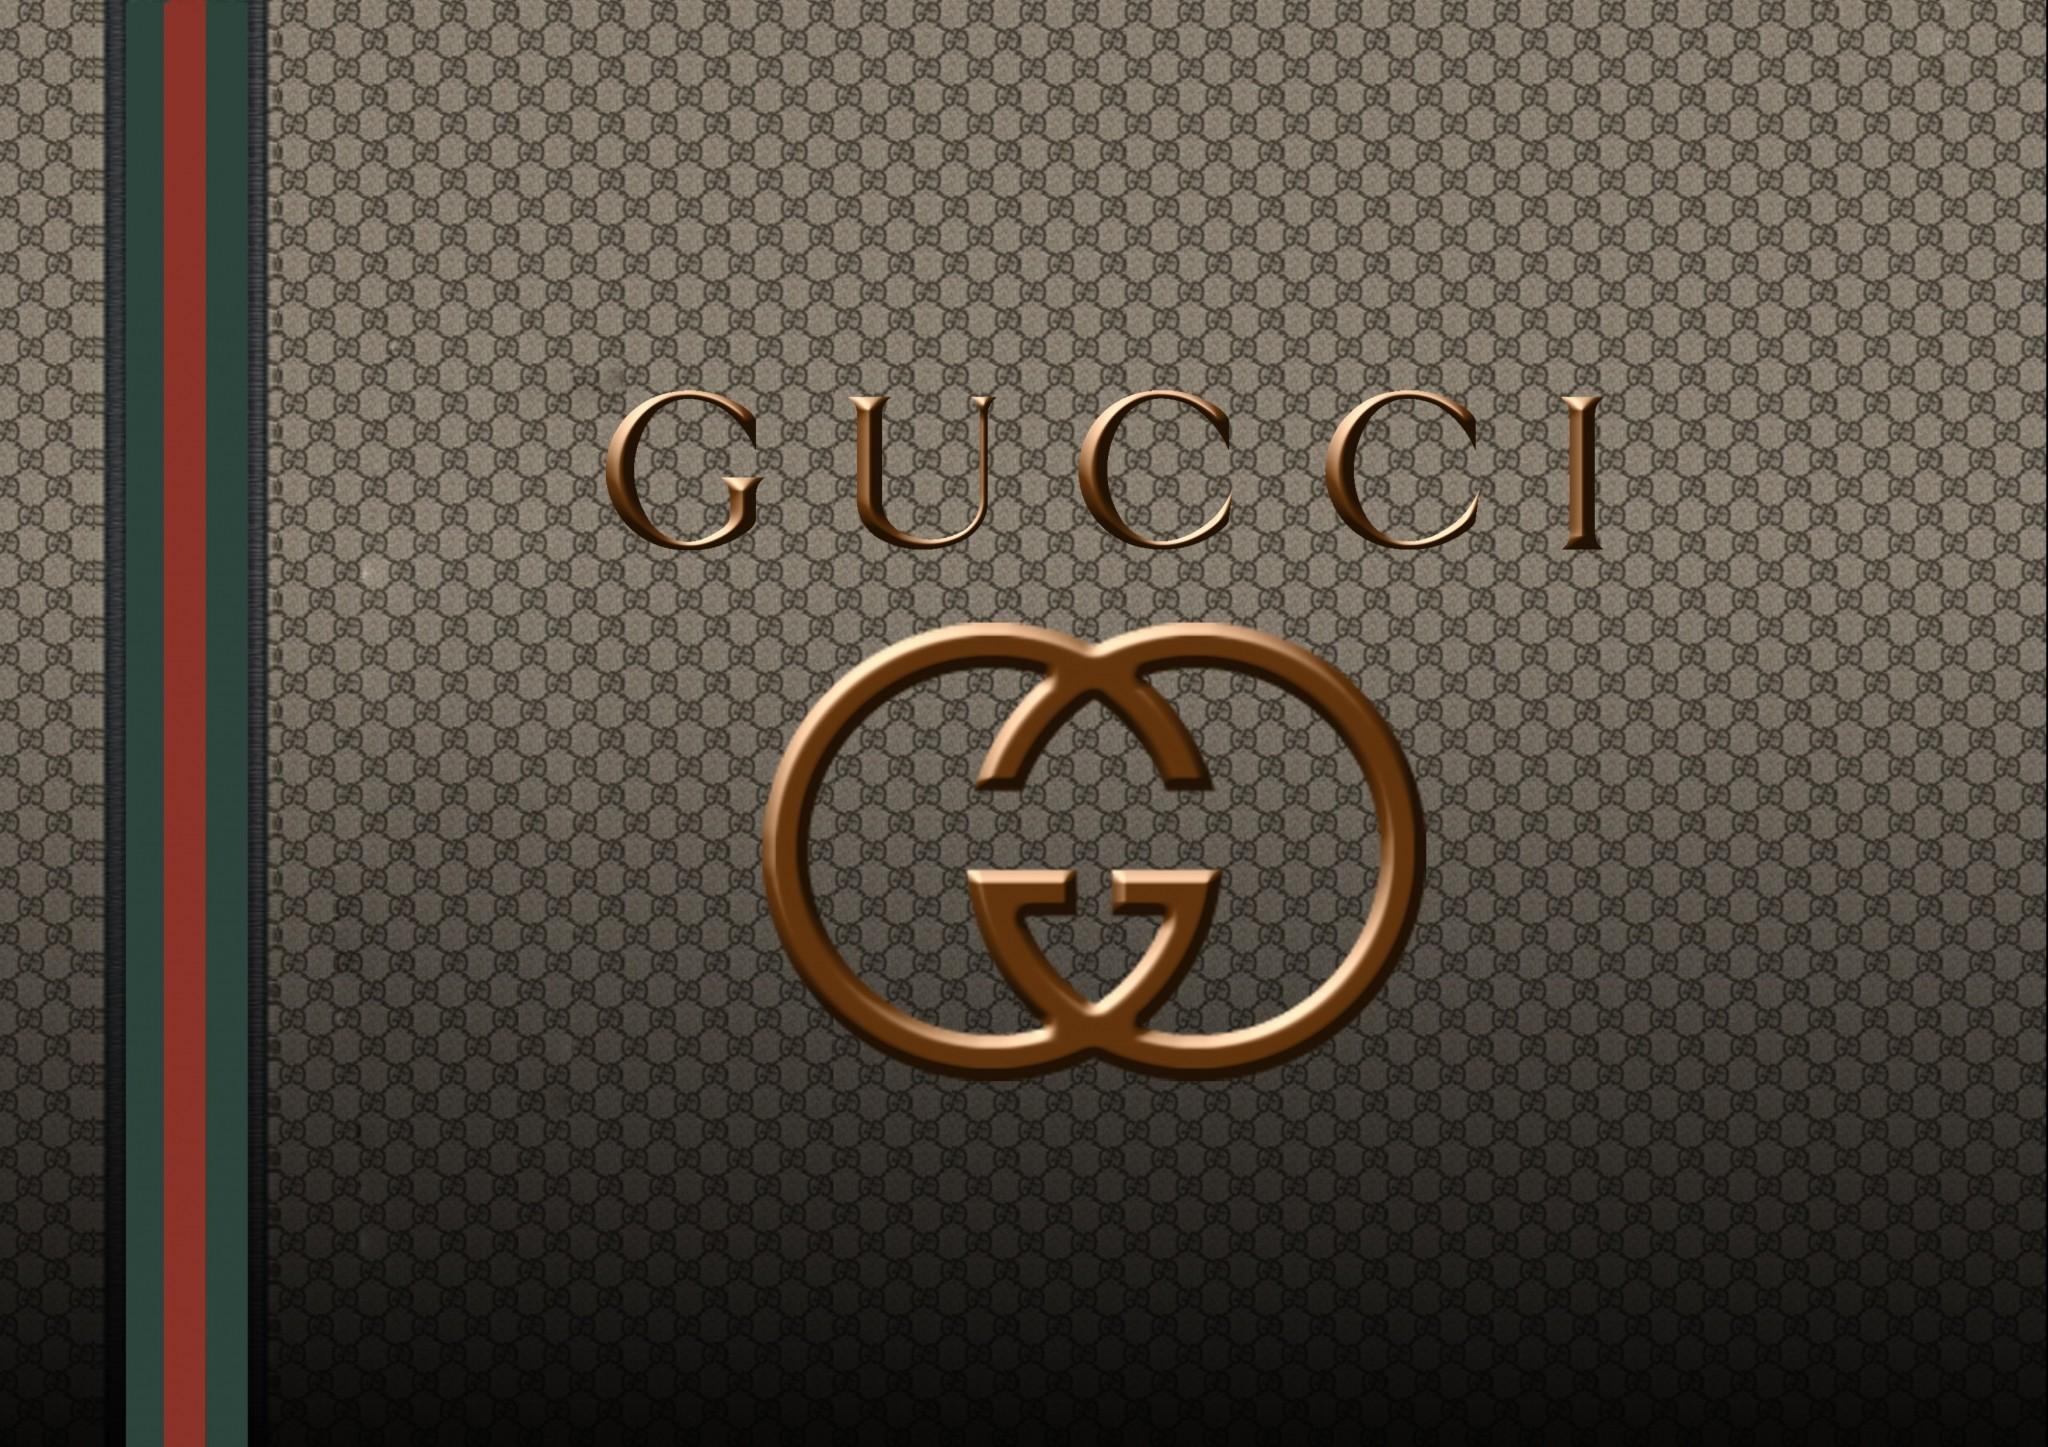 Gucci wallpaper 69 immagini for Sfondi cellulare full hd